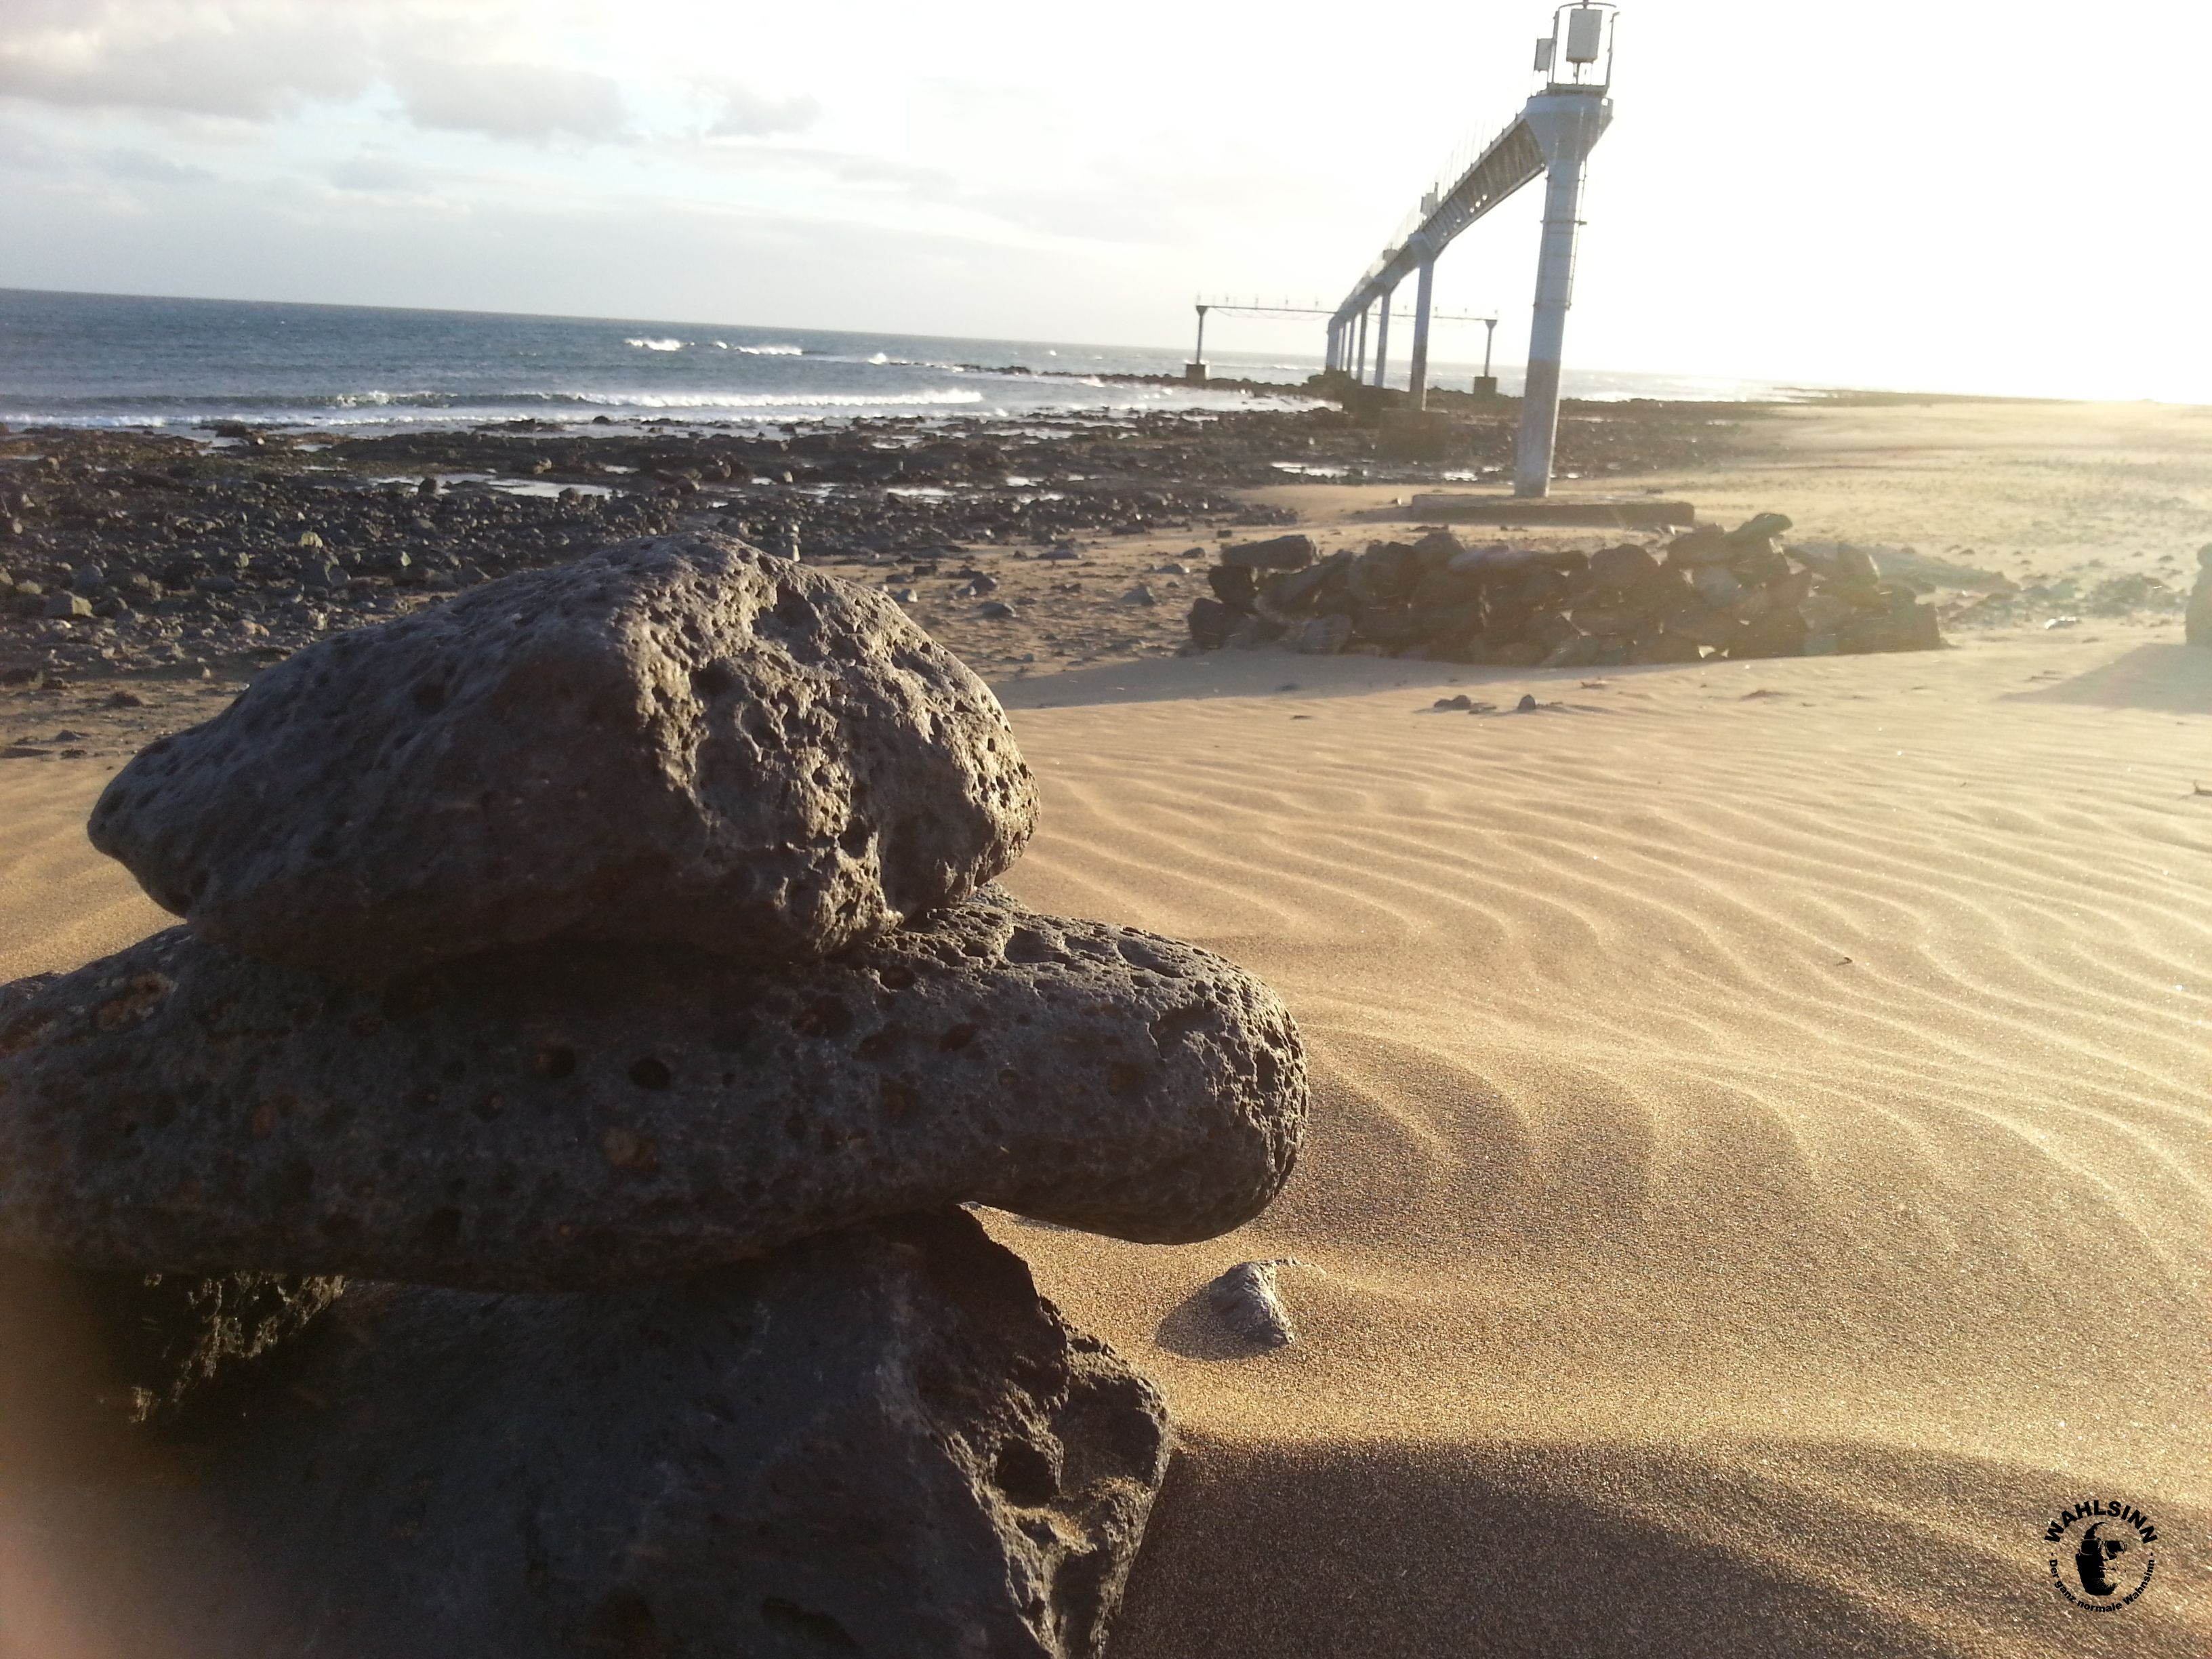 Lanzarote - Start und LKandebahn des Flughafens hinter dem Kamerakind